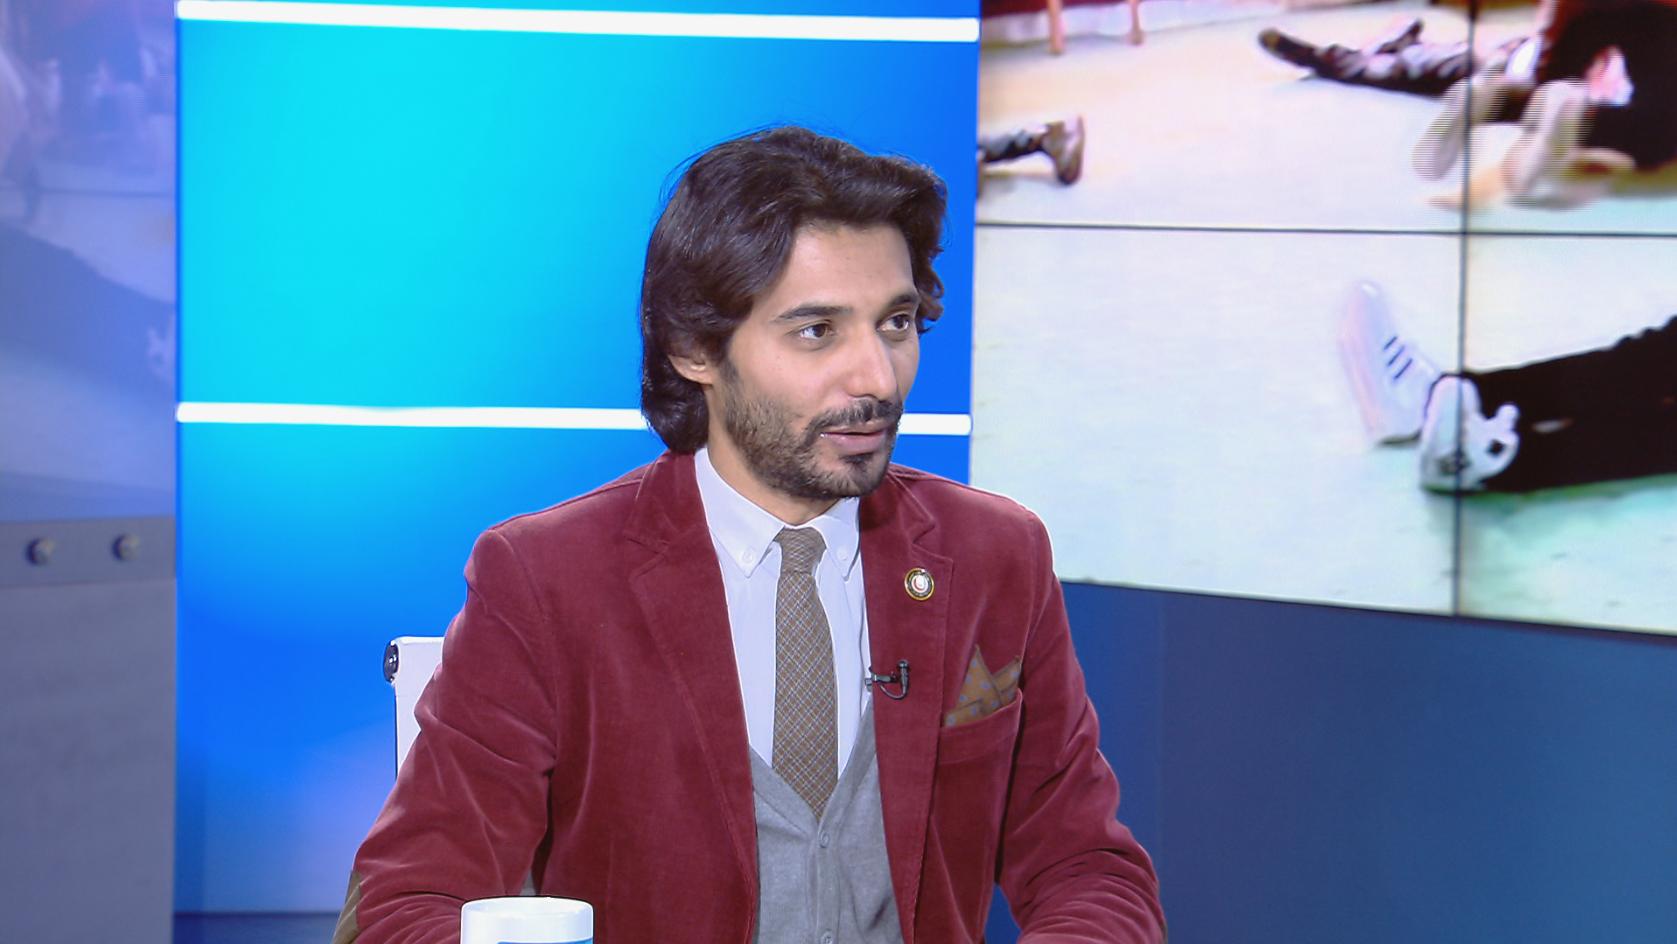 مدير إدارة الإعلام بأمانة الهلال الأحمر الليبي بهاء الكواش